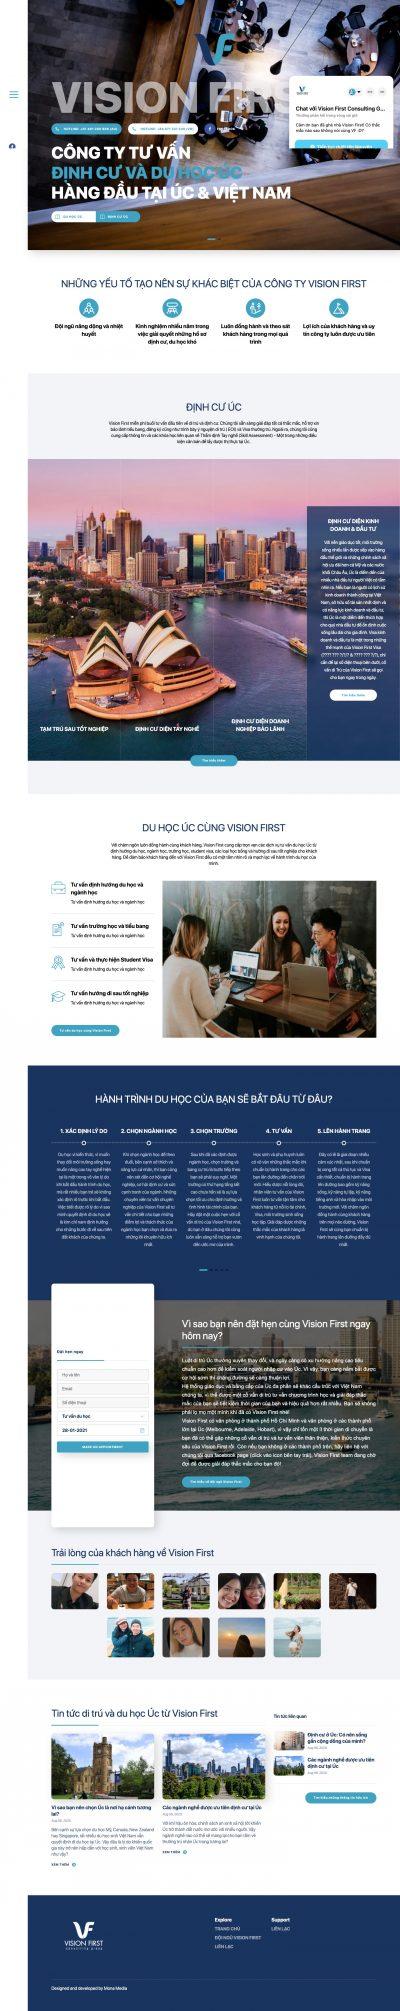 VISION FIRST CONSULTING – Công ty tư vấn du học và định cư Úc